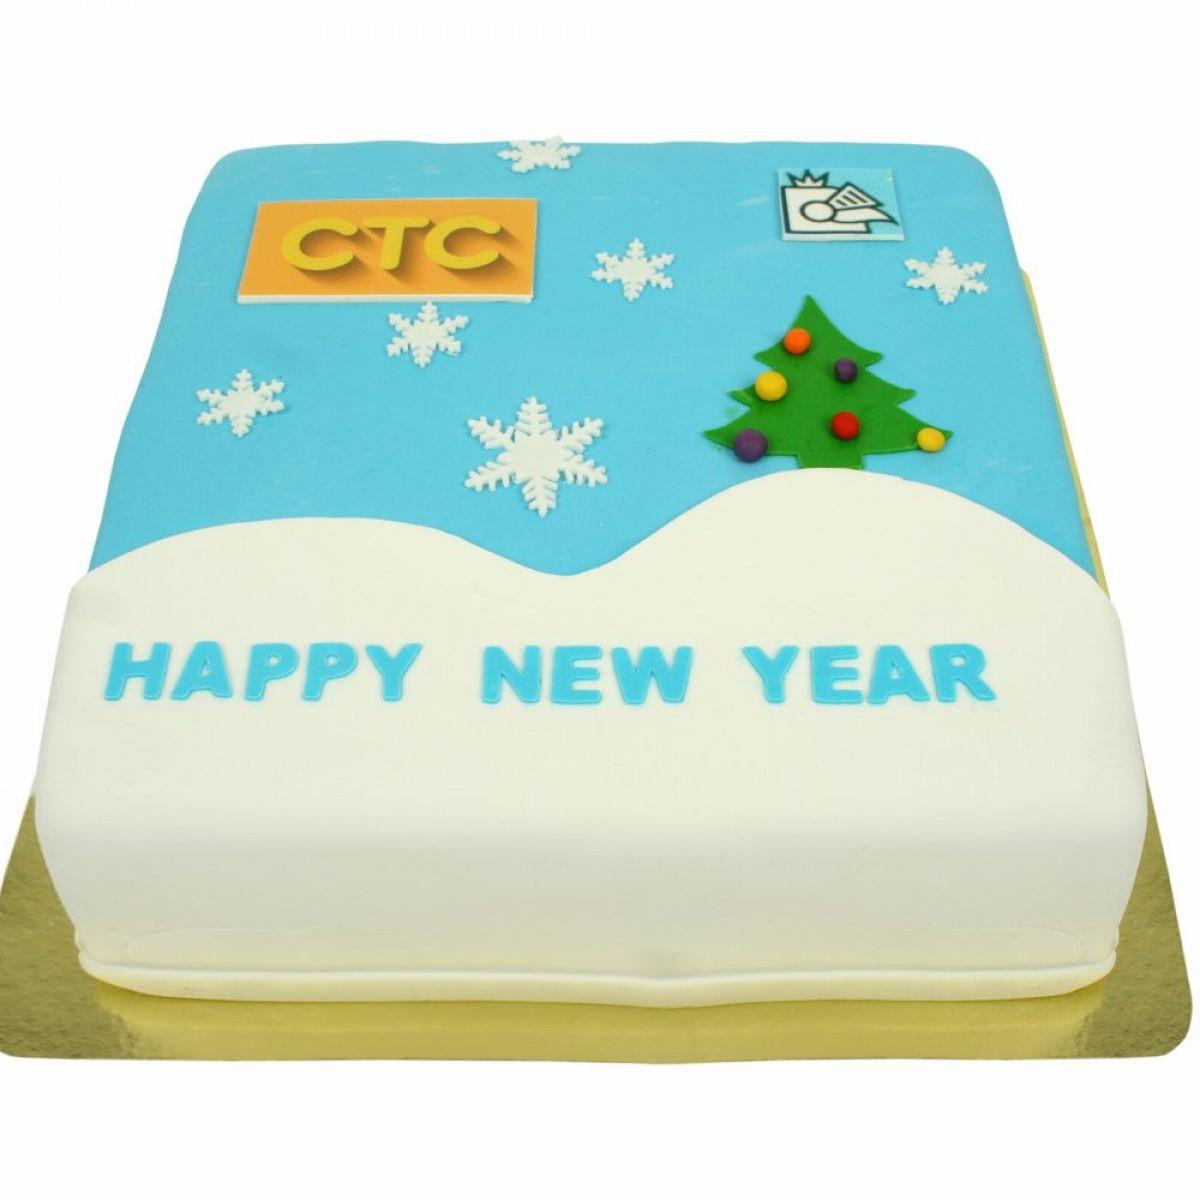 №1372 Торт стс